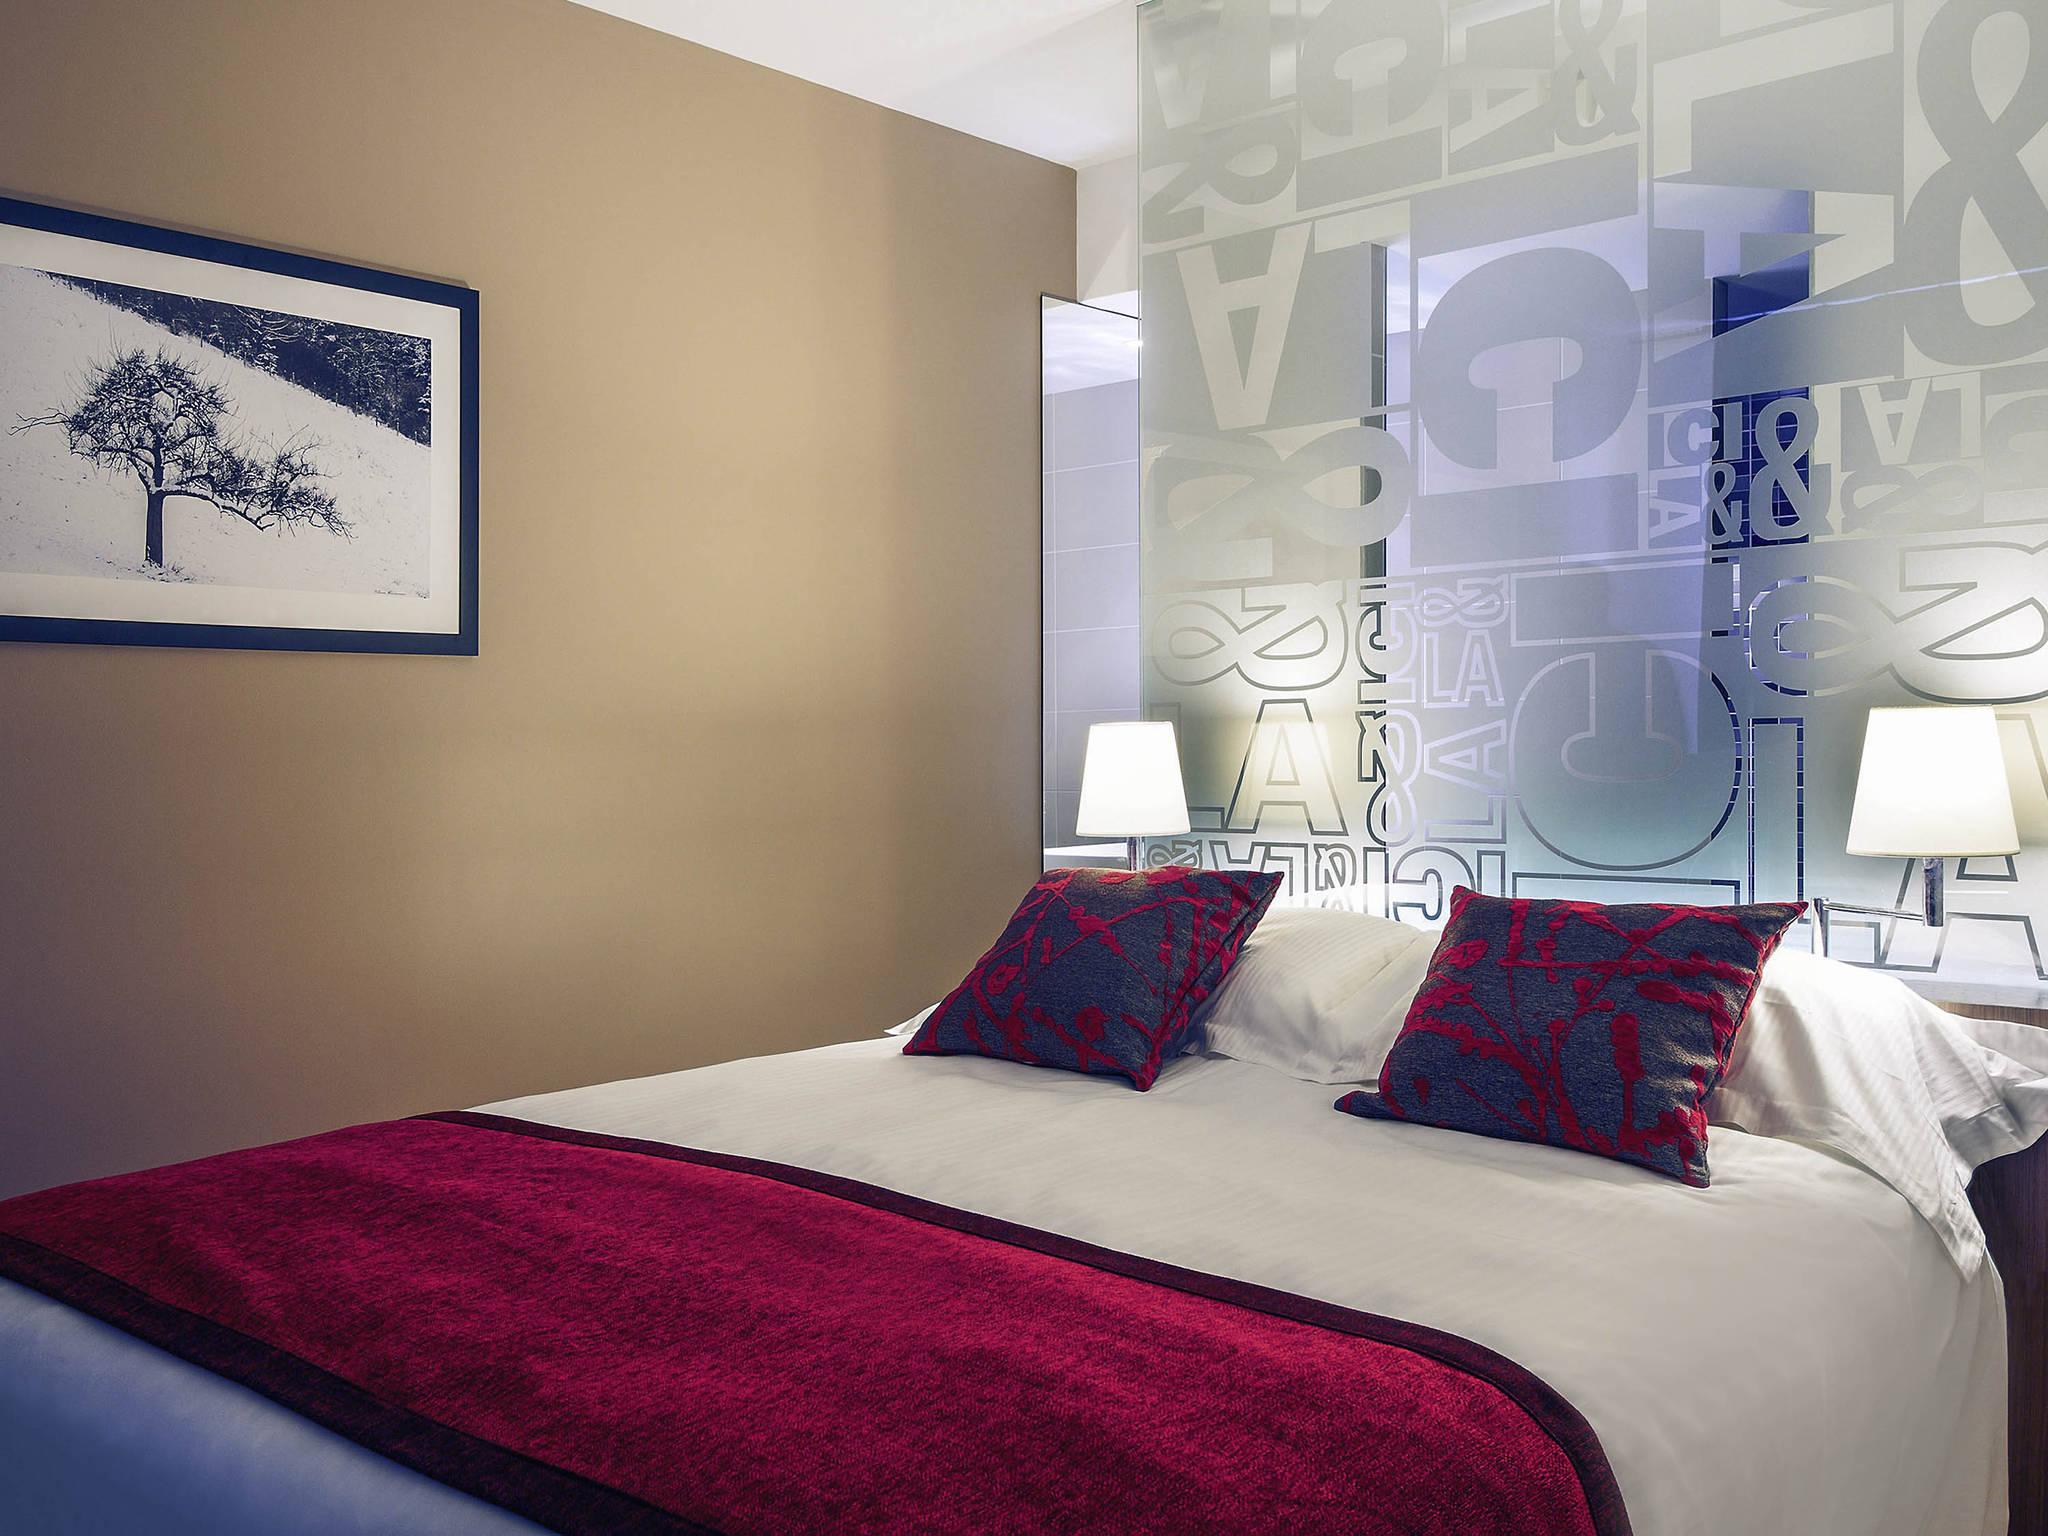 Hotel – Hôtel Mercure Villefranche en Beaujolais Ici & Là